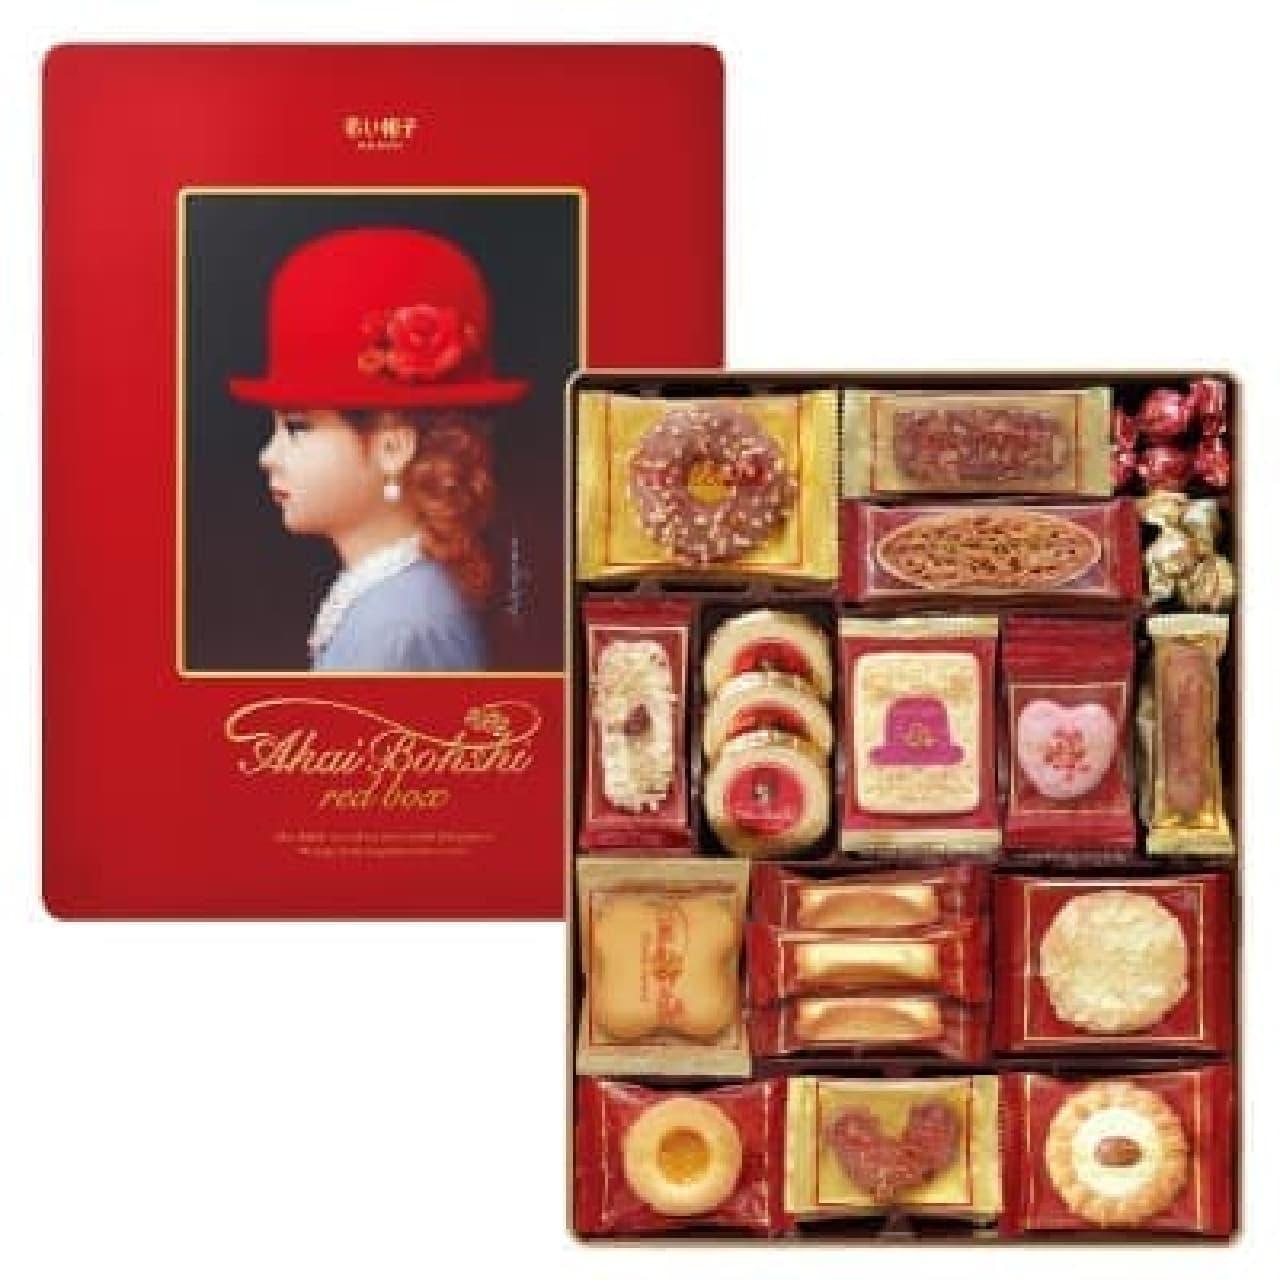 ちぼりの代表商品「赤い帽子」